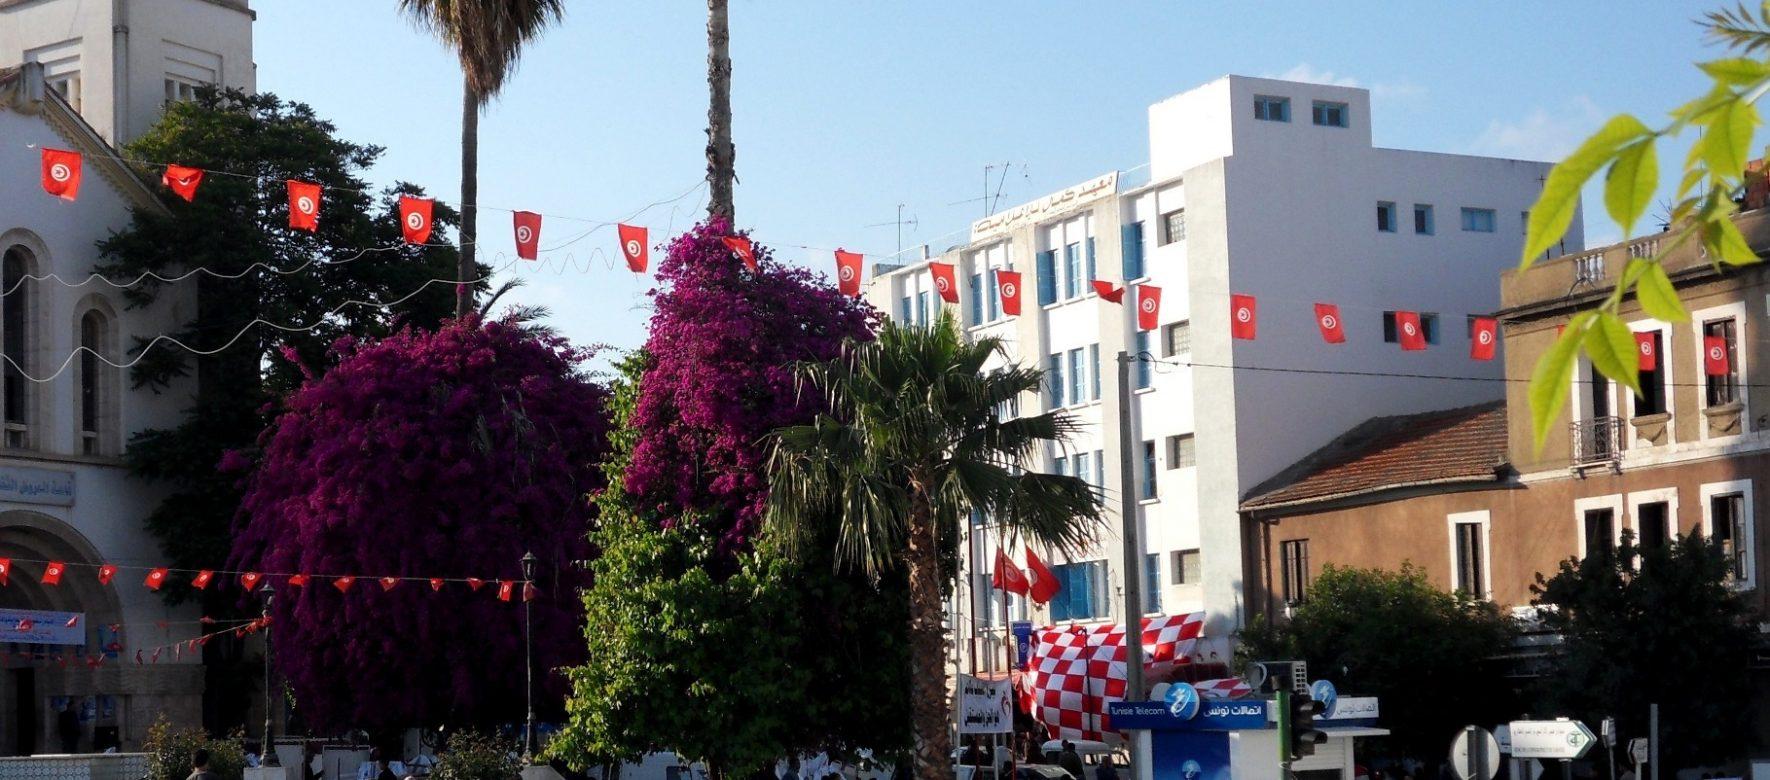 Tunisie : Les recettes touristiques en augmentation de +44%